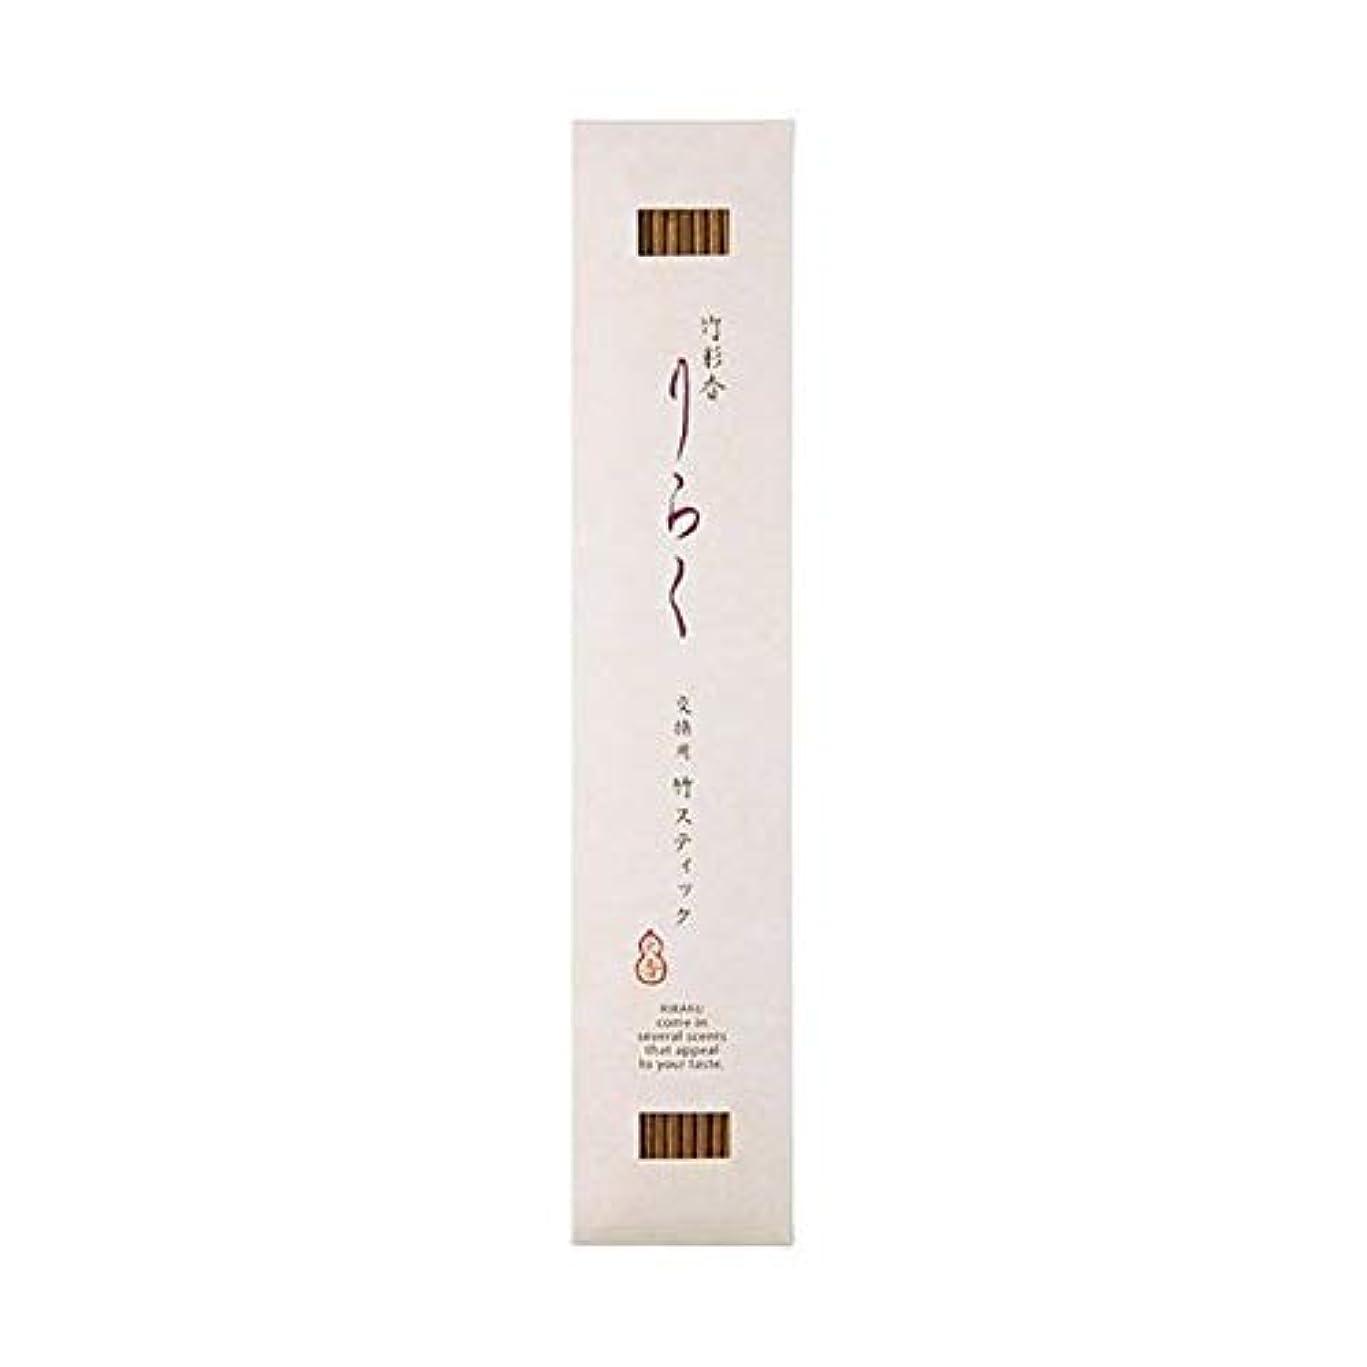 気づかない美徳病気だと思う竹彩香りらく 交換用竹スティック白檀の色 10本